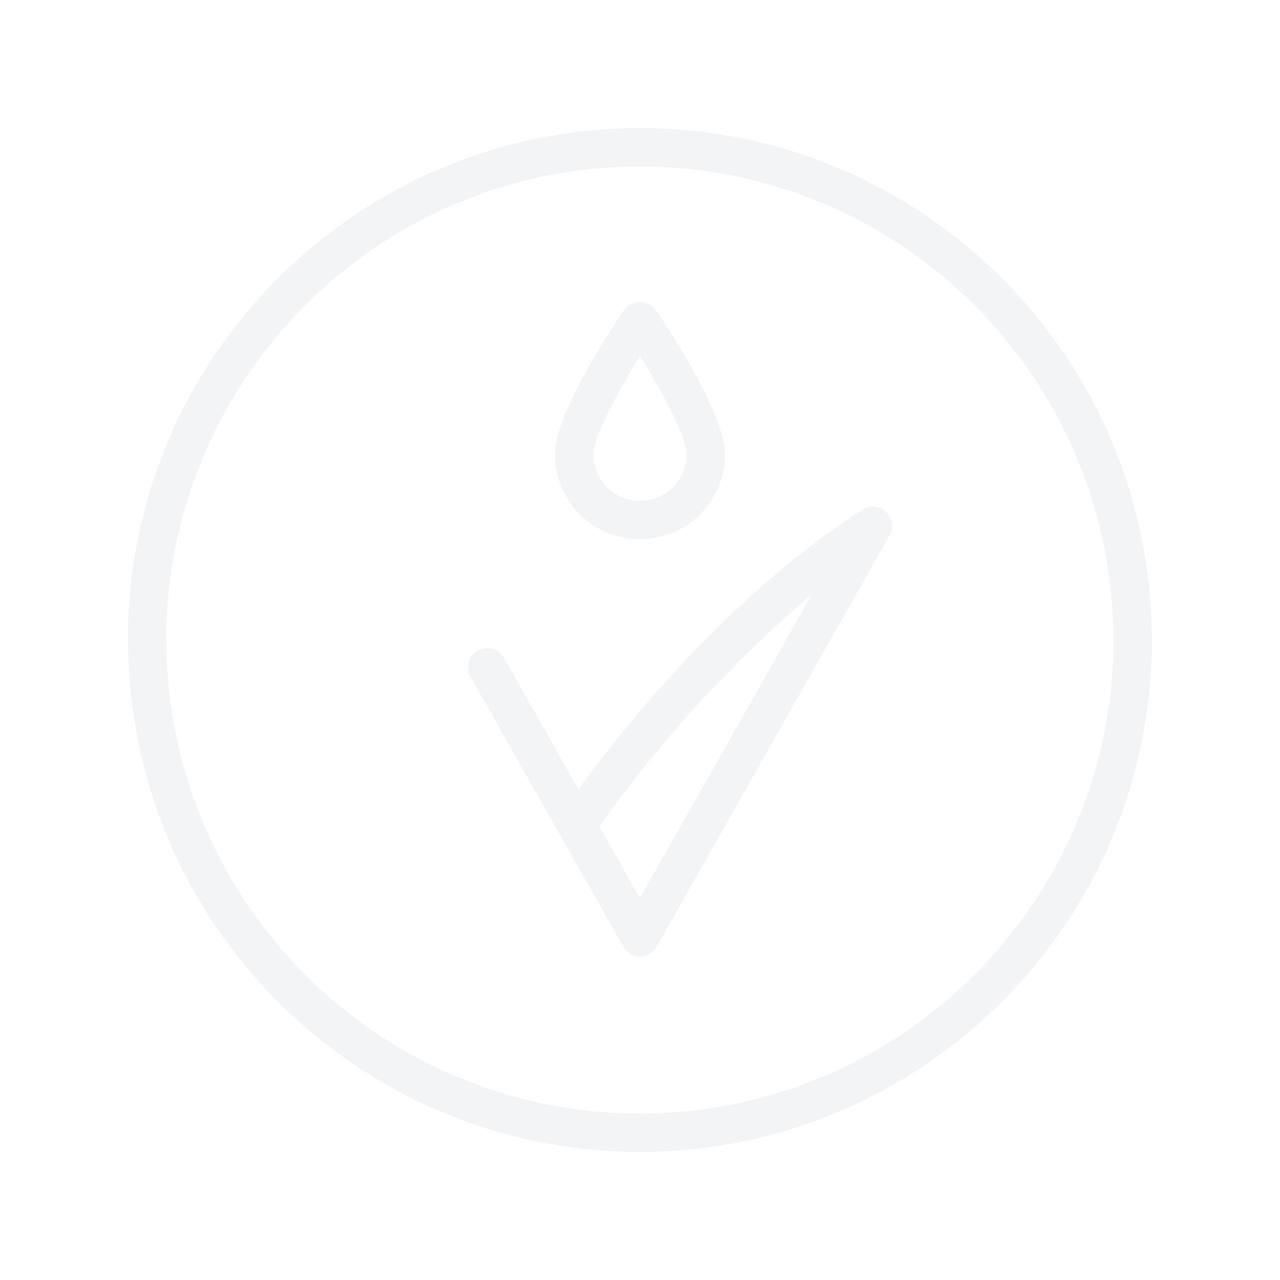 ORLY Breathable Nail Polish The Antidote 5.3ml